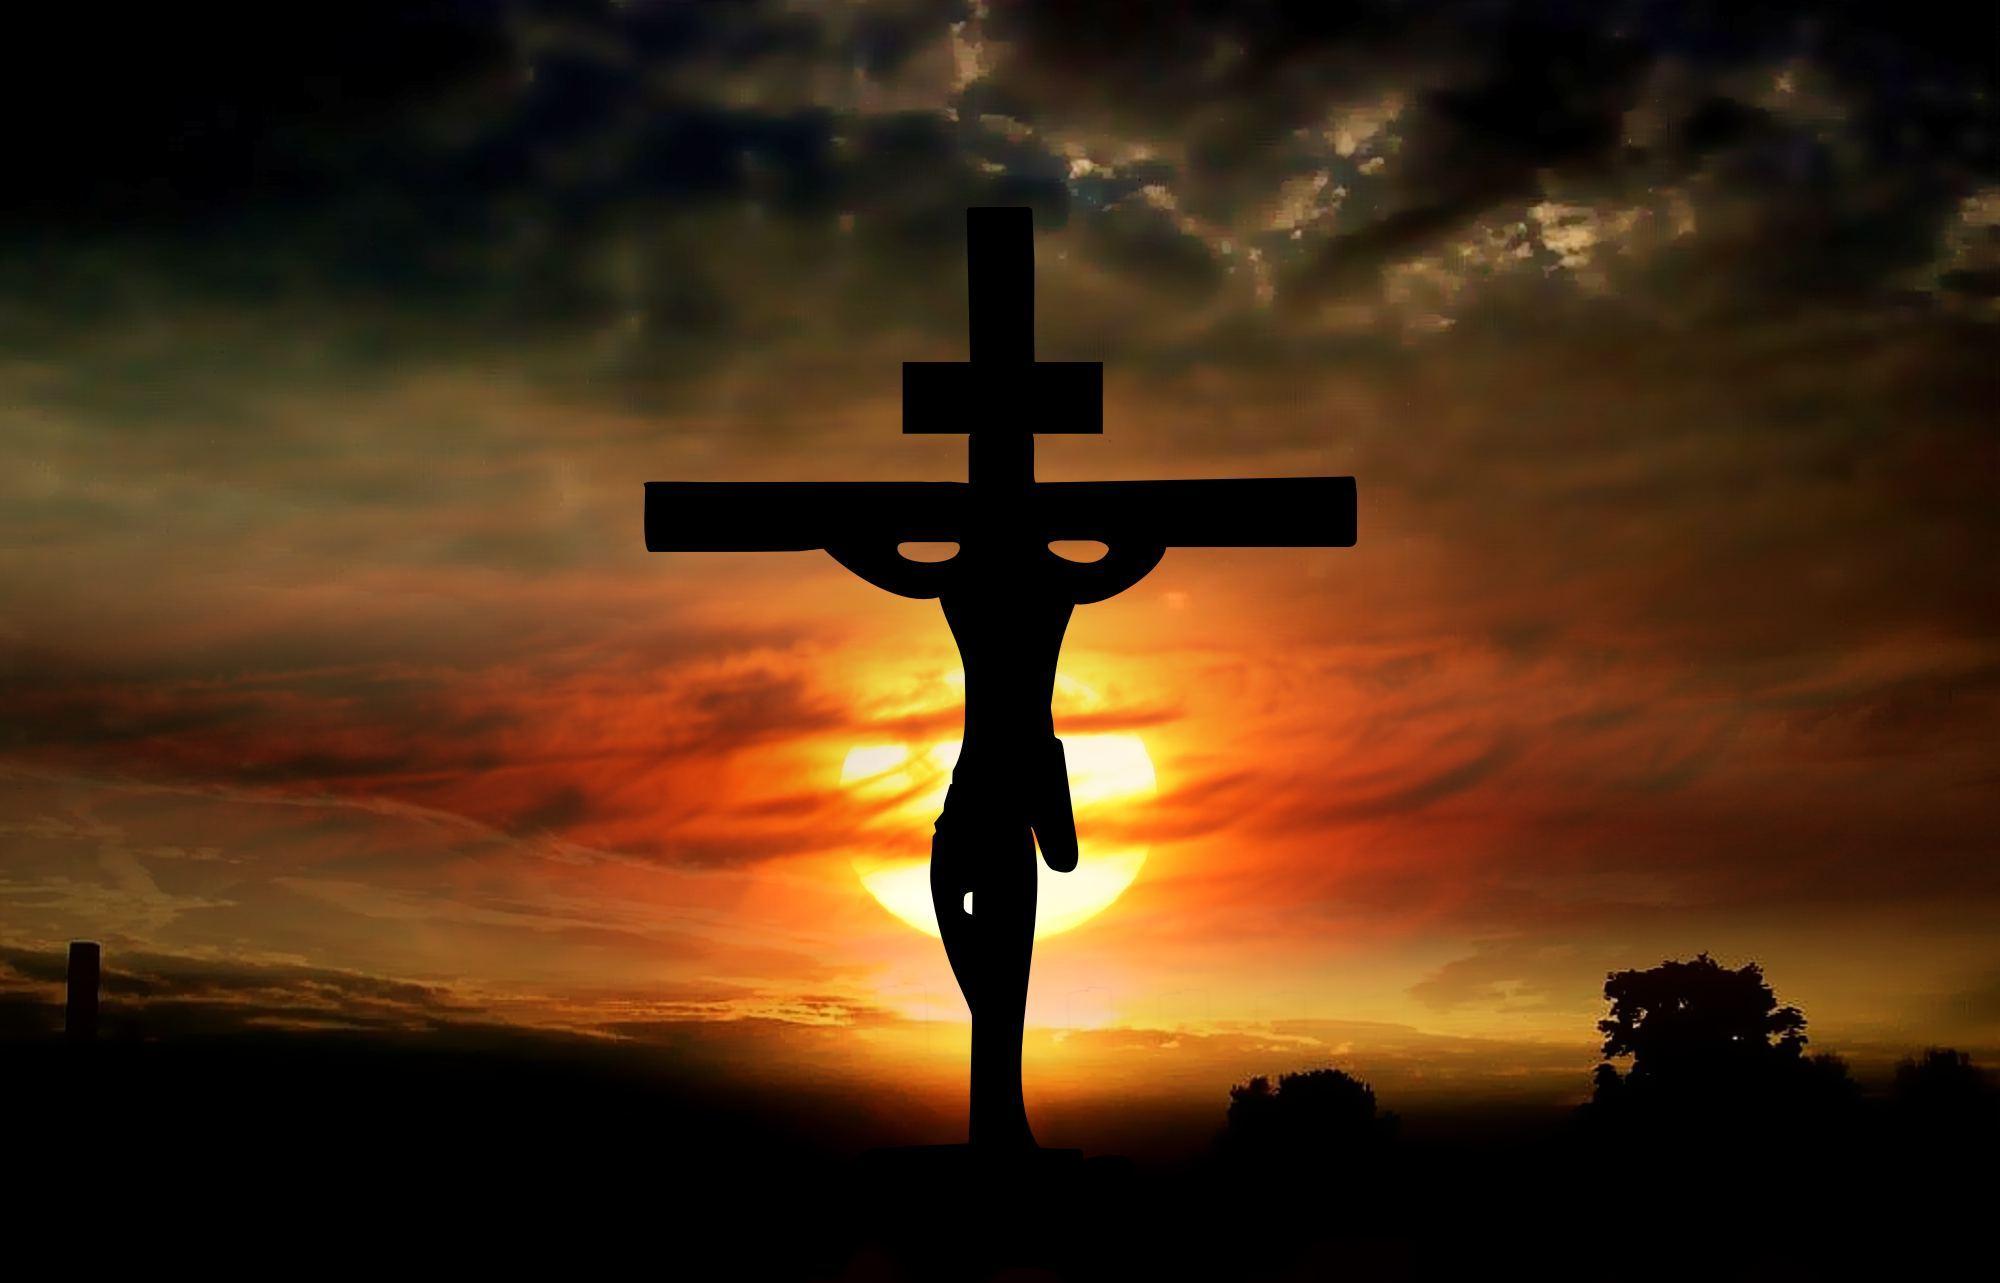 DOMNUL IISUS HRISTOS A MURIT LA CRUCE PENTRU PACATELE MELE SI PENTRU PACATELE TALE